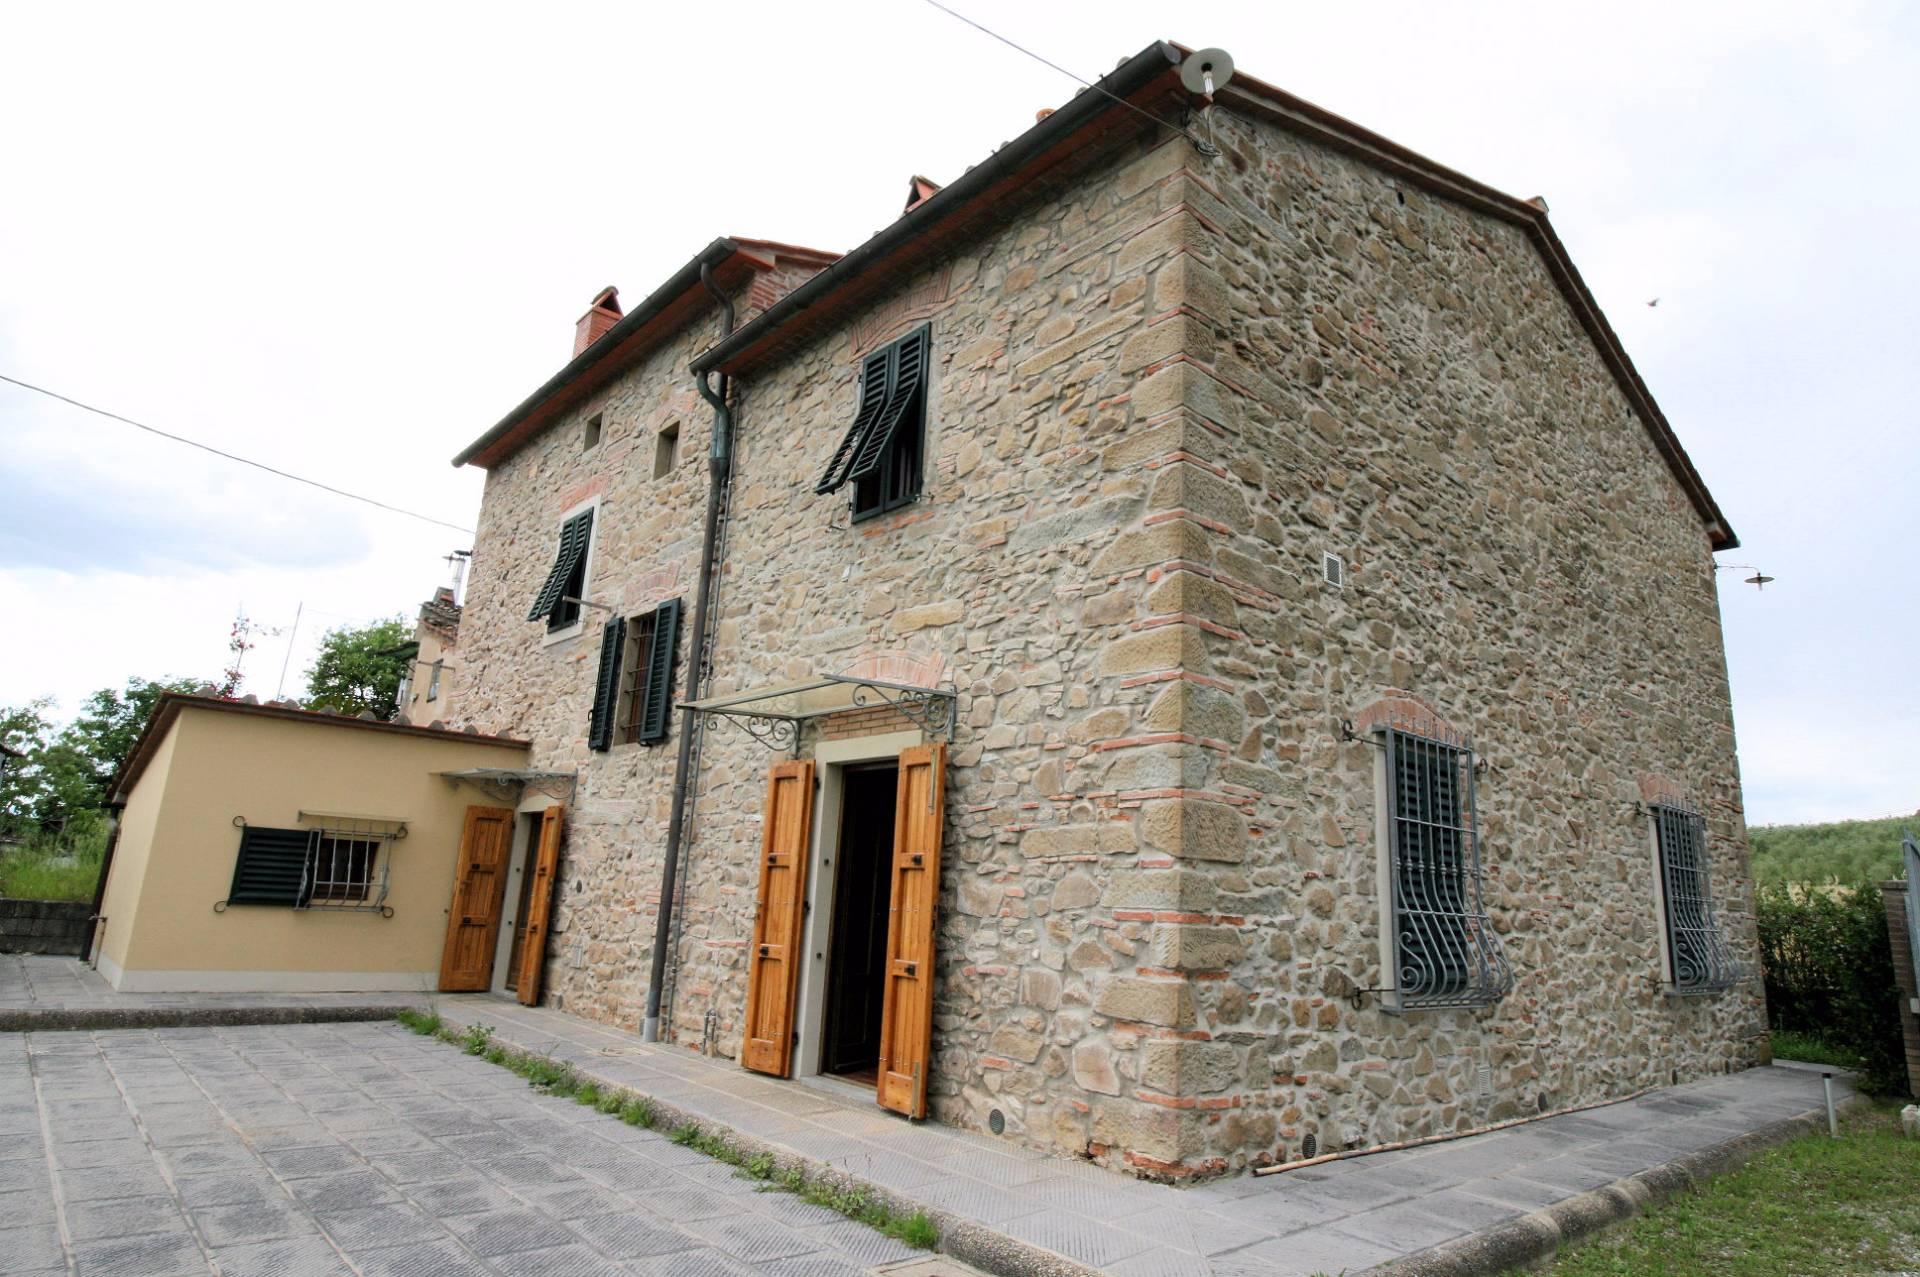 Rustico / Casale in vendita a Monsummano Terme, 7 locali, prezzo € 395.000 | Cambio Casa.it